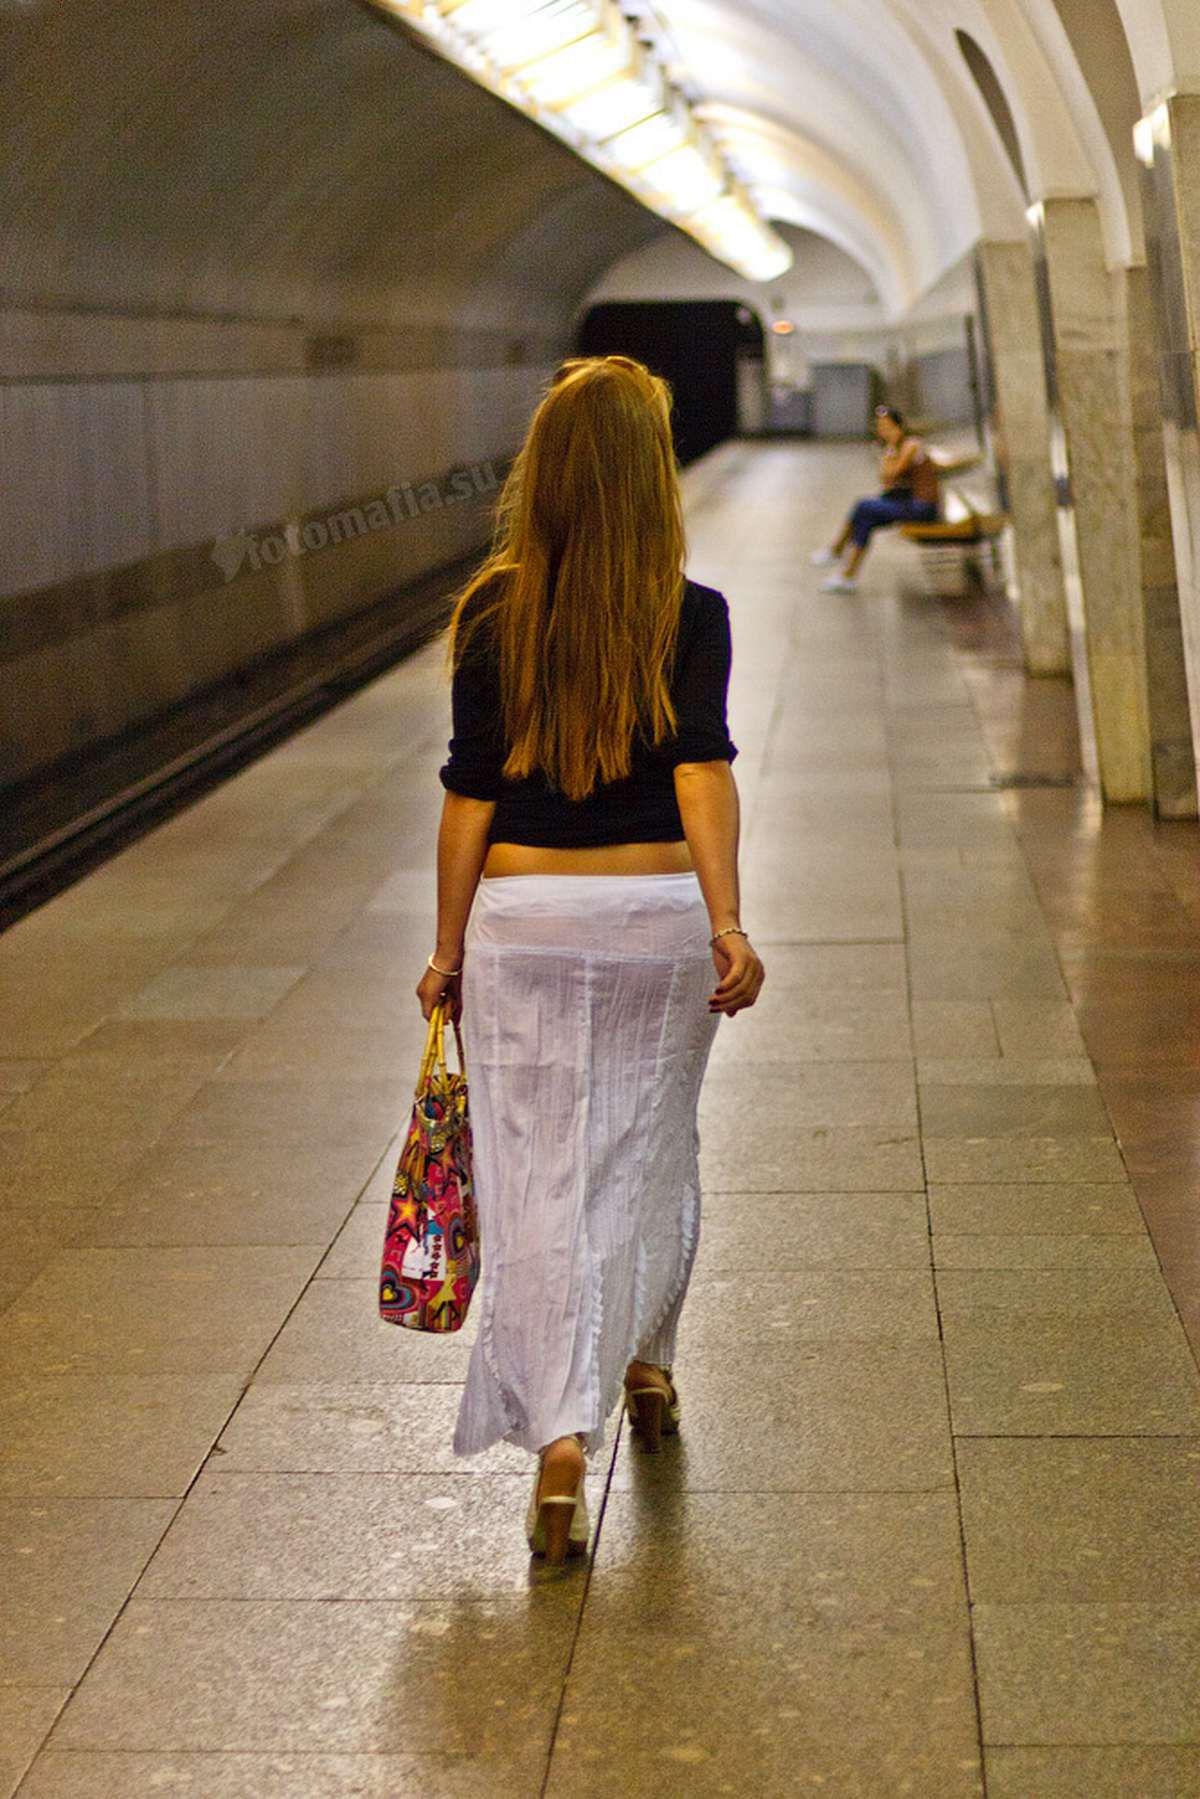 Прозрачная одежда девушки фото 24 фотография